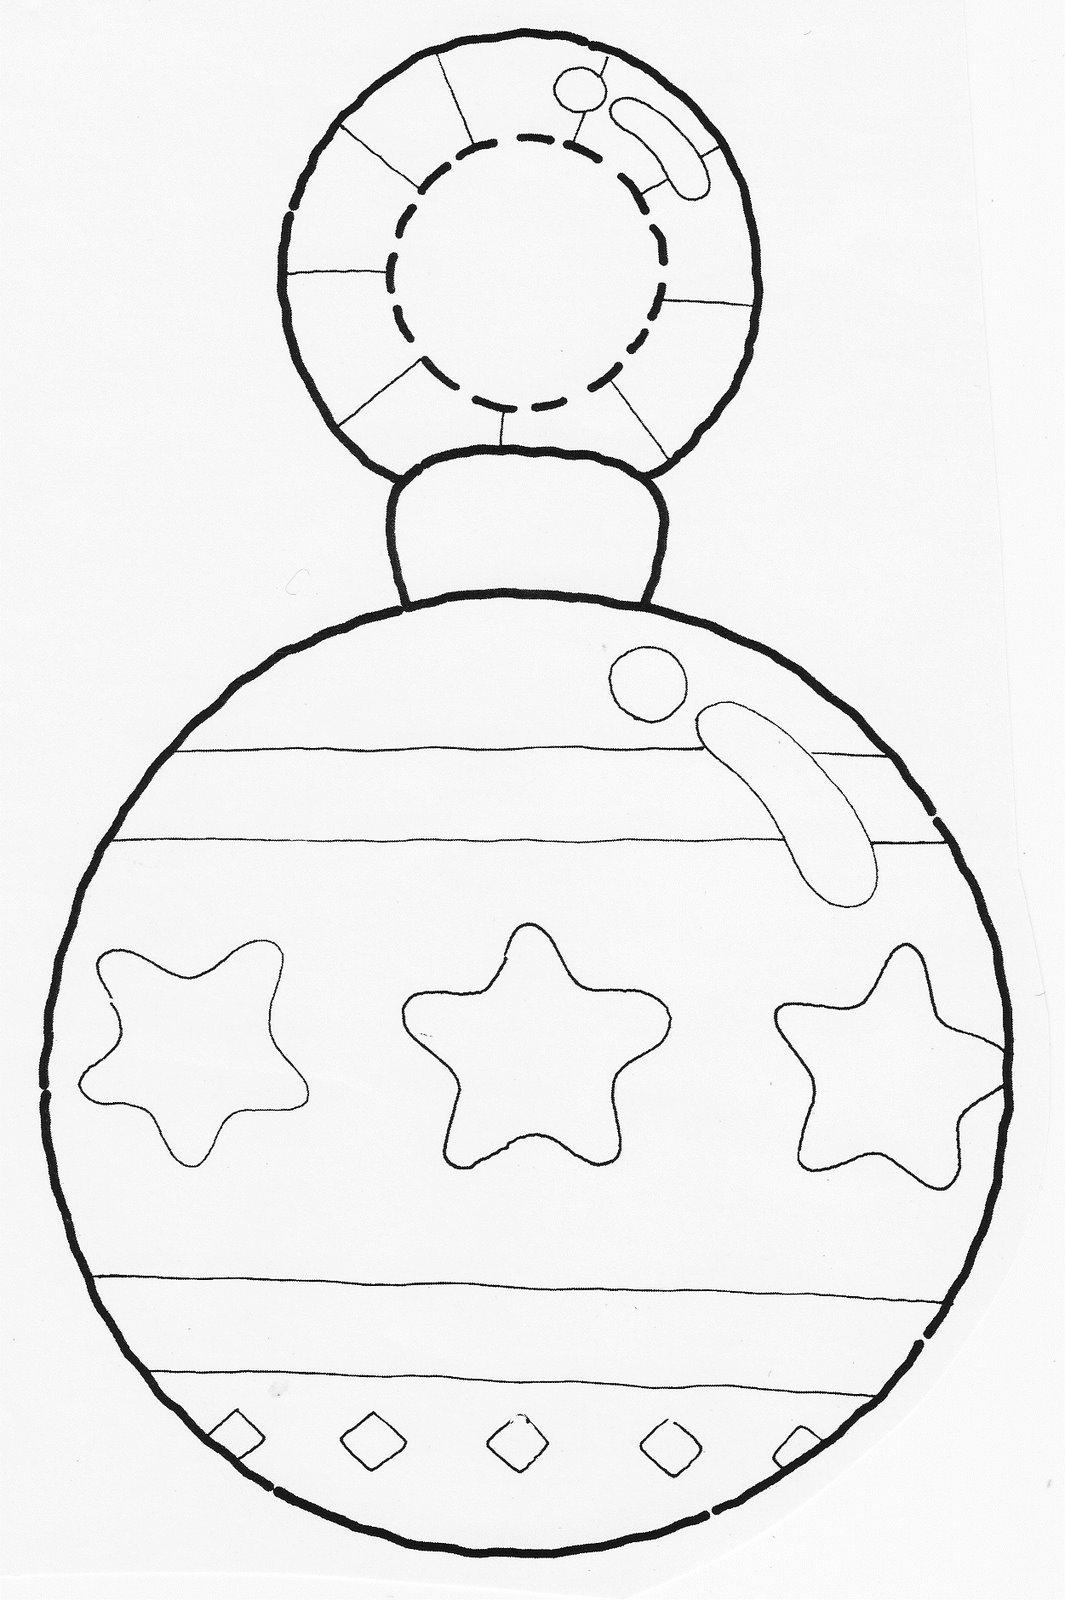 Menta m s chocolate recursos y actividades para - Adornos para el arbol de navidad ...